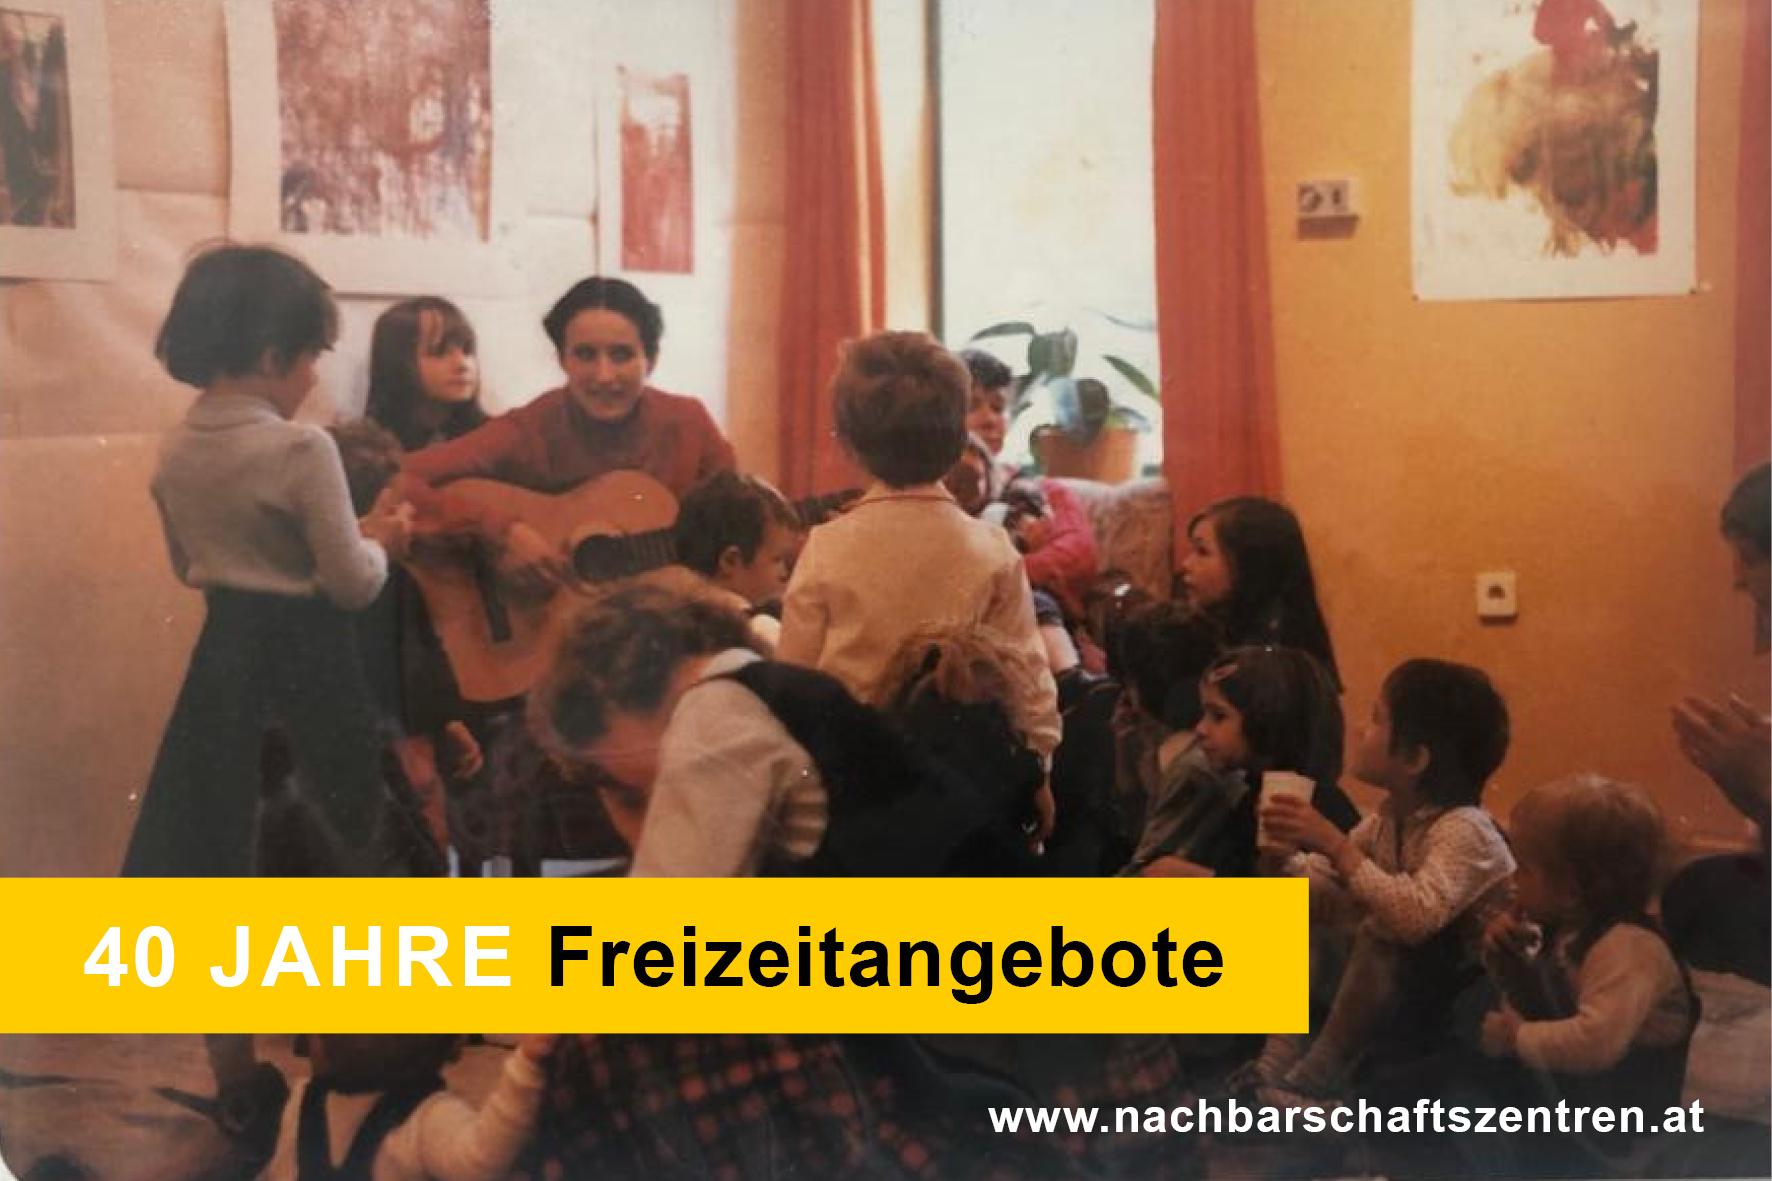 Eine Frau spielt auf der Gitarre. Kinder sitzen rundherum